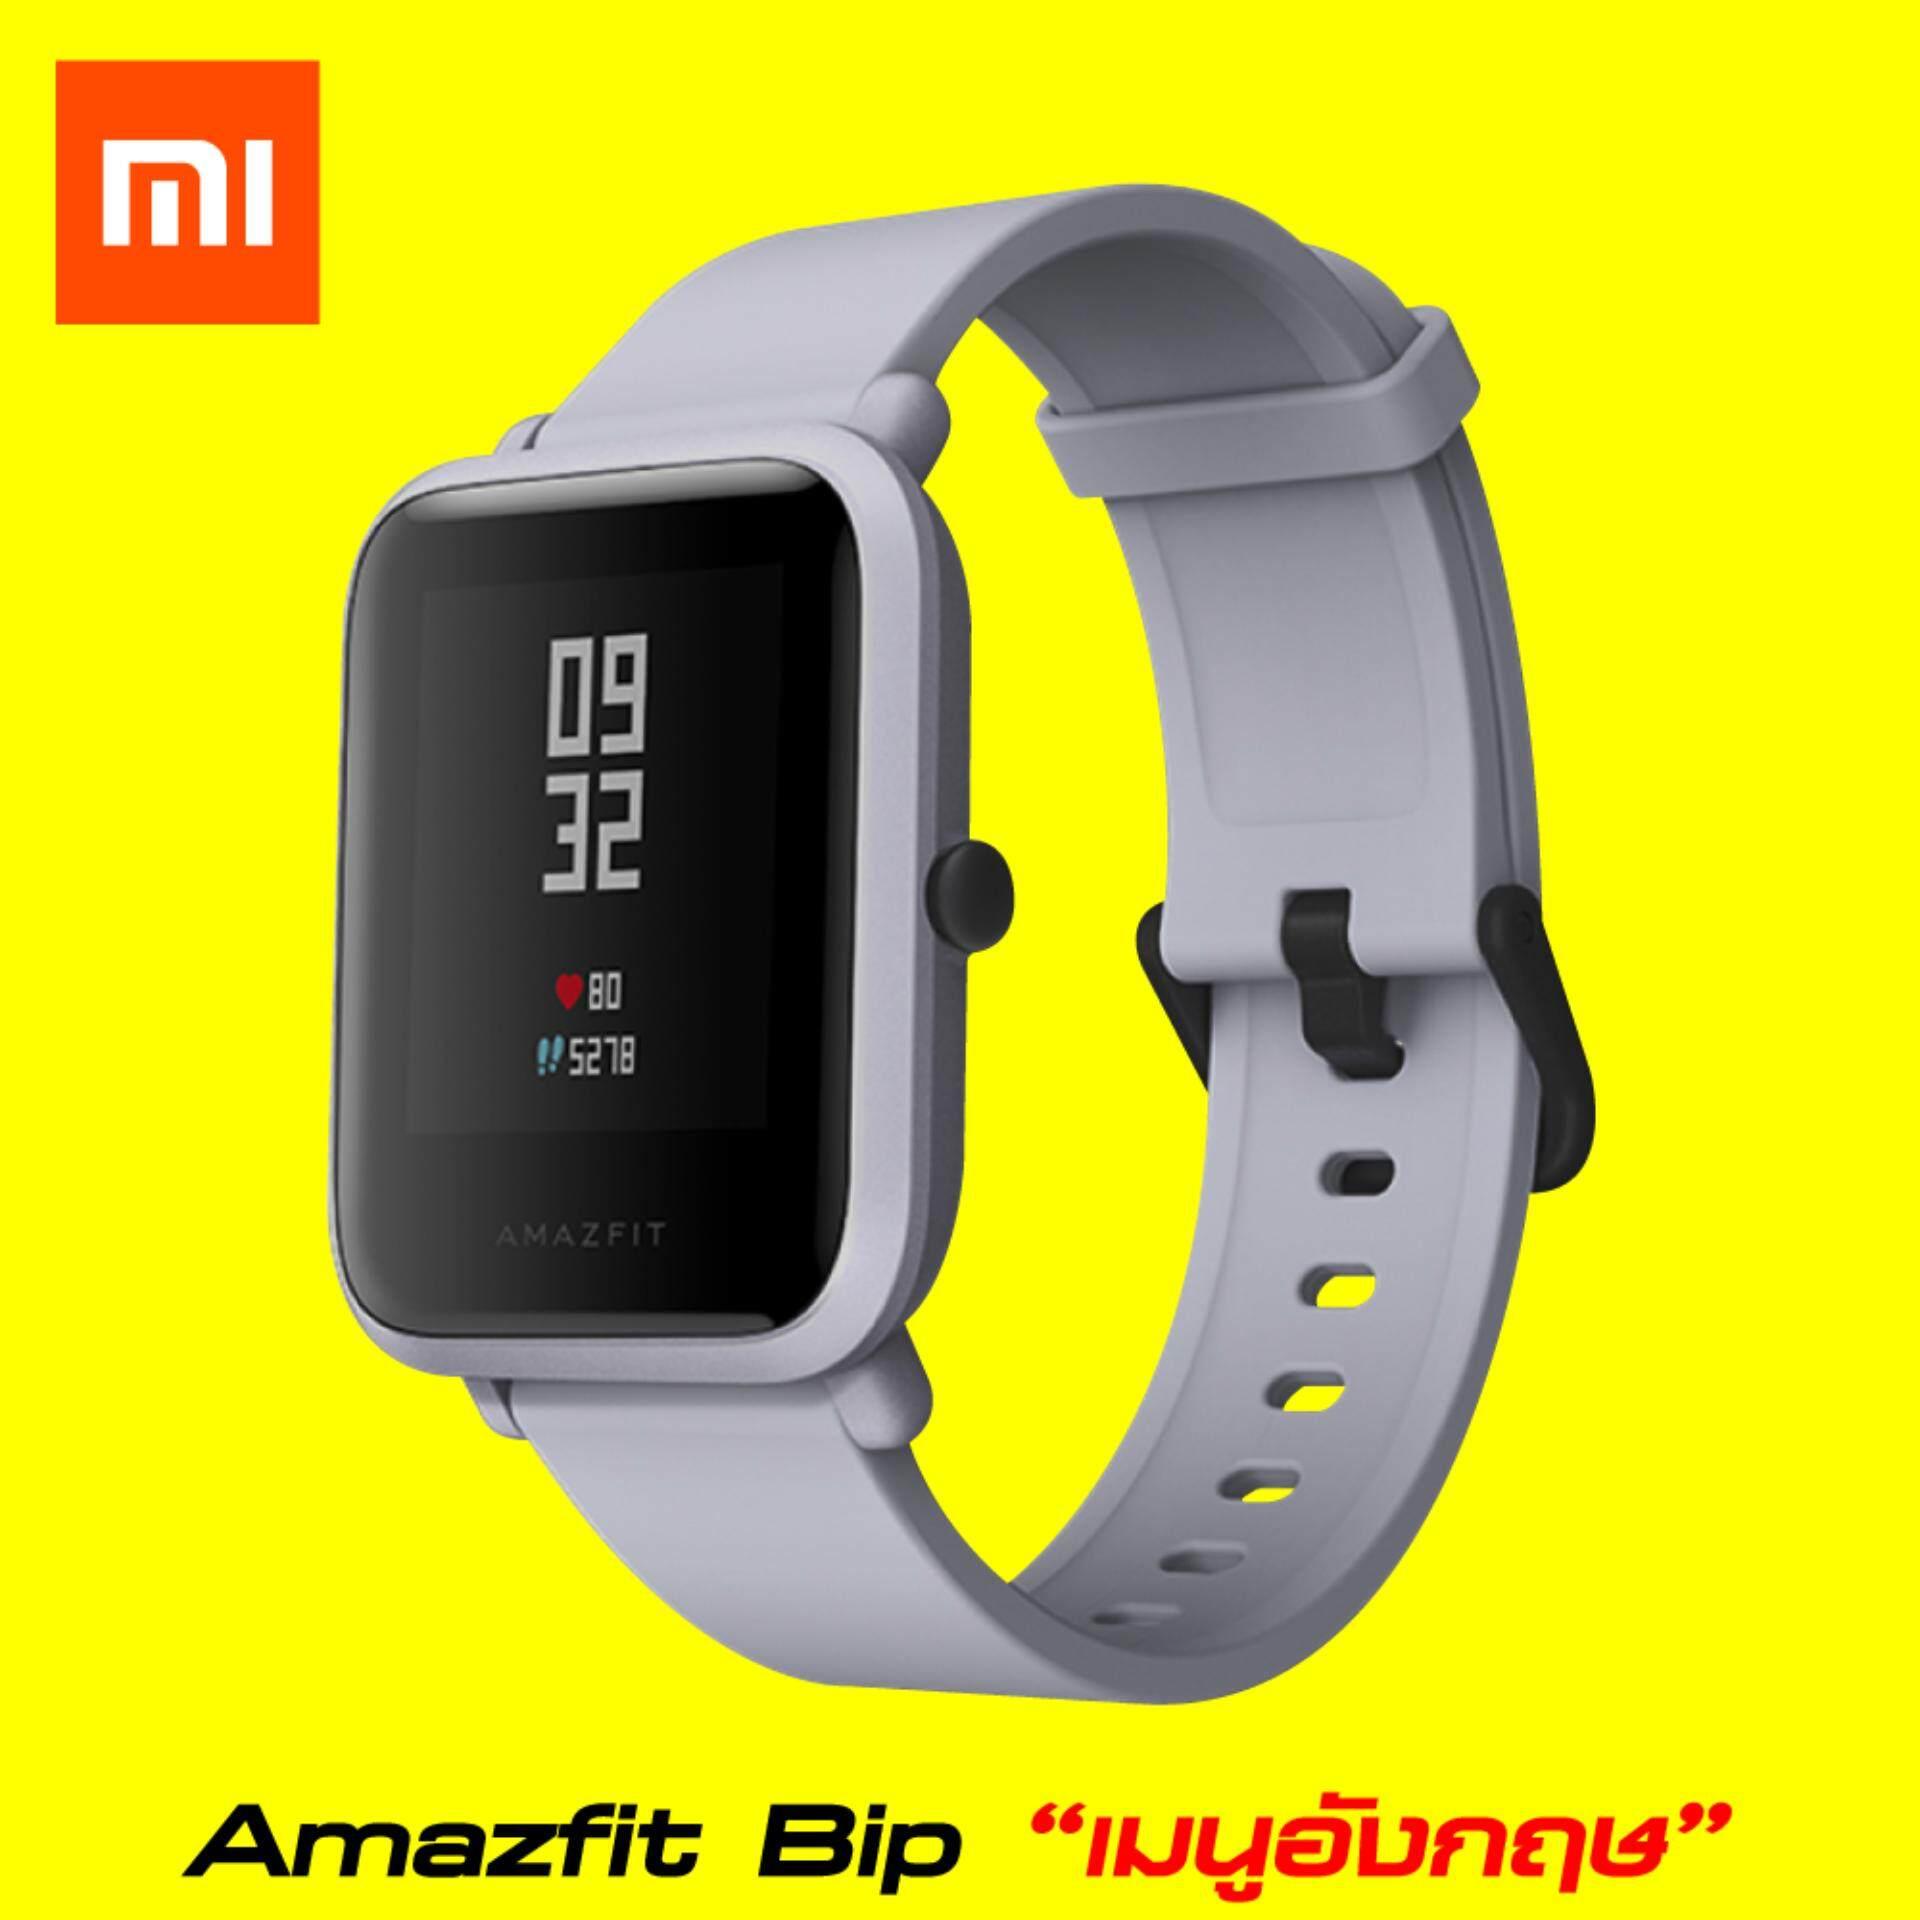 โปรโมชั่น ⚡New รุ่นใหม่ล่าสุด ⚡ Xiaomi Amazfit Bip เวอร์ชั่น Inter เมนูอังกฤษ นาฬิกาอัจฉริยะ Smart Watch ดีไซน์สุดหรู ฟังก์ชั่นสุดครบ Xiaomi